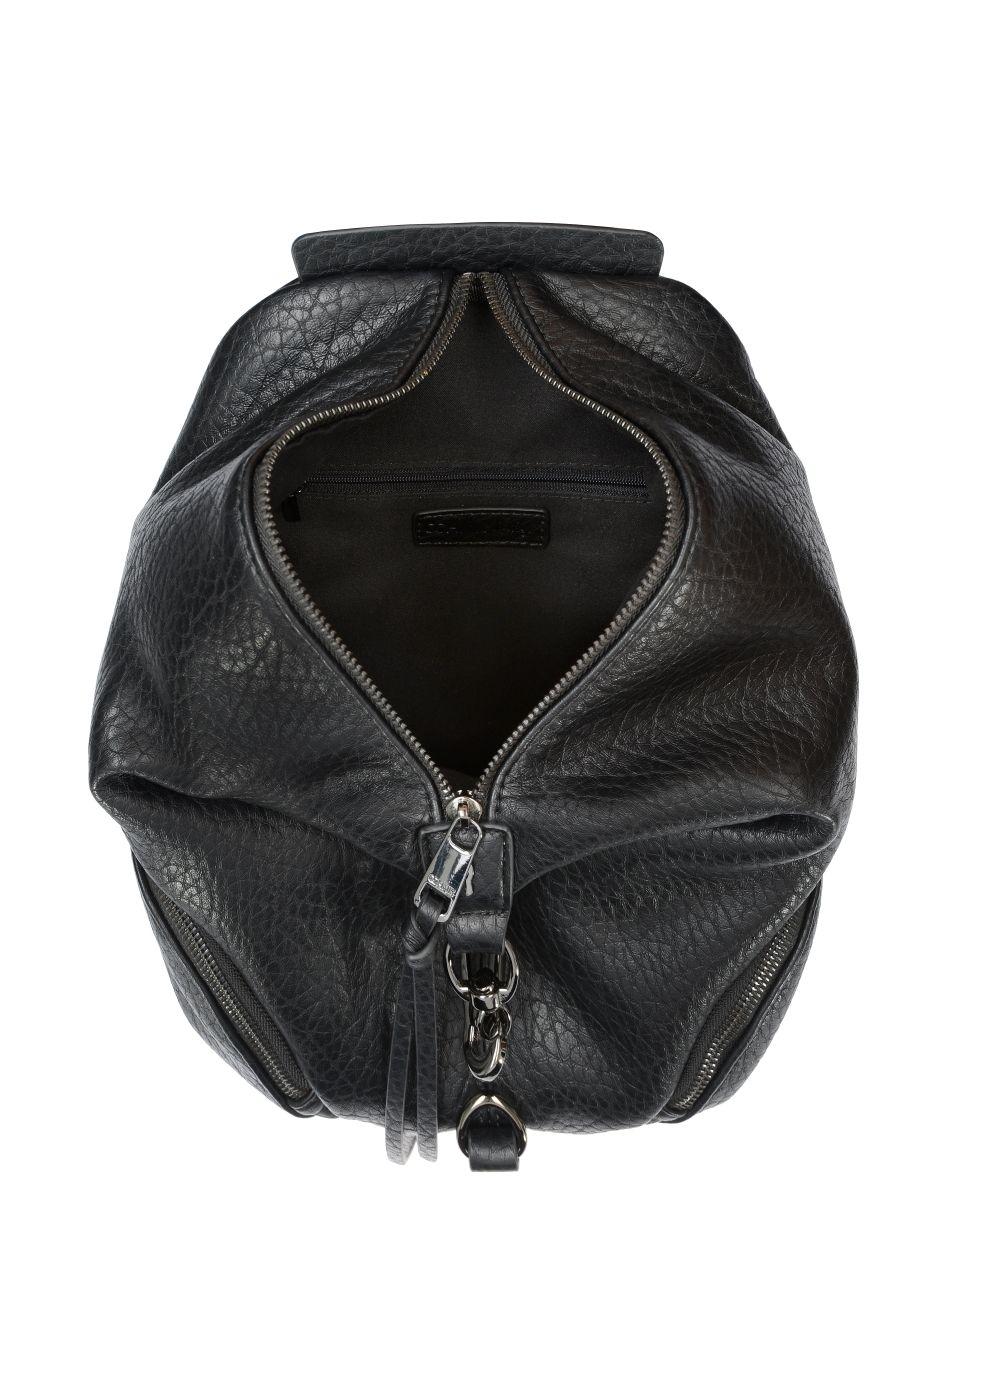 Plecak damski TOREC-0277-98(Z21)